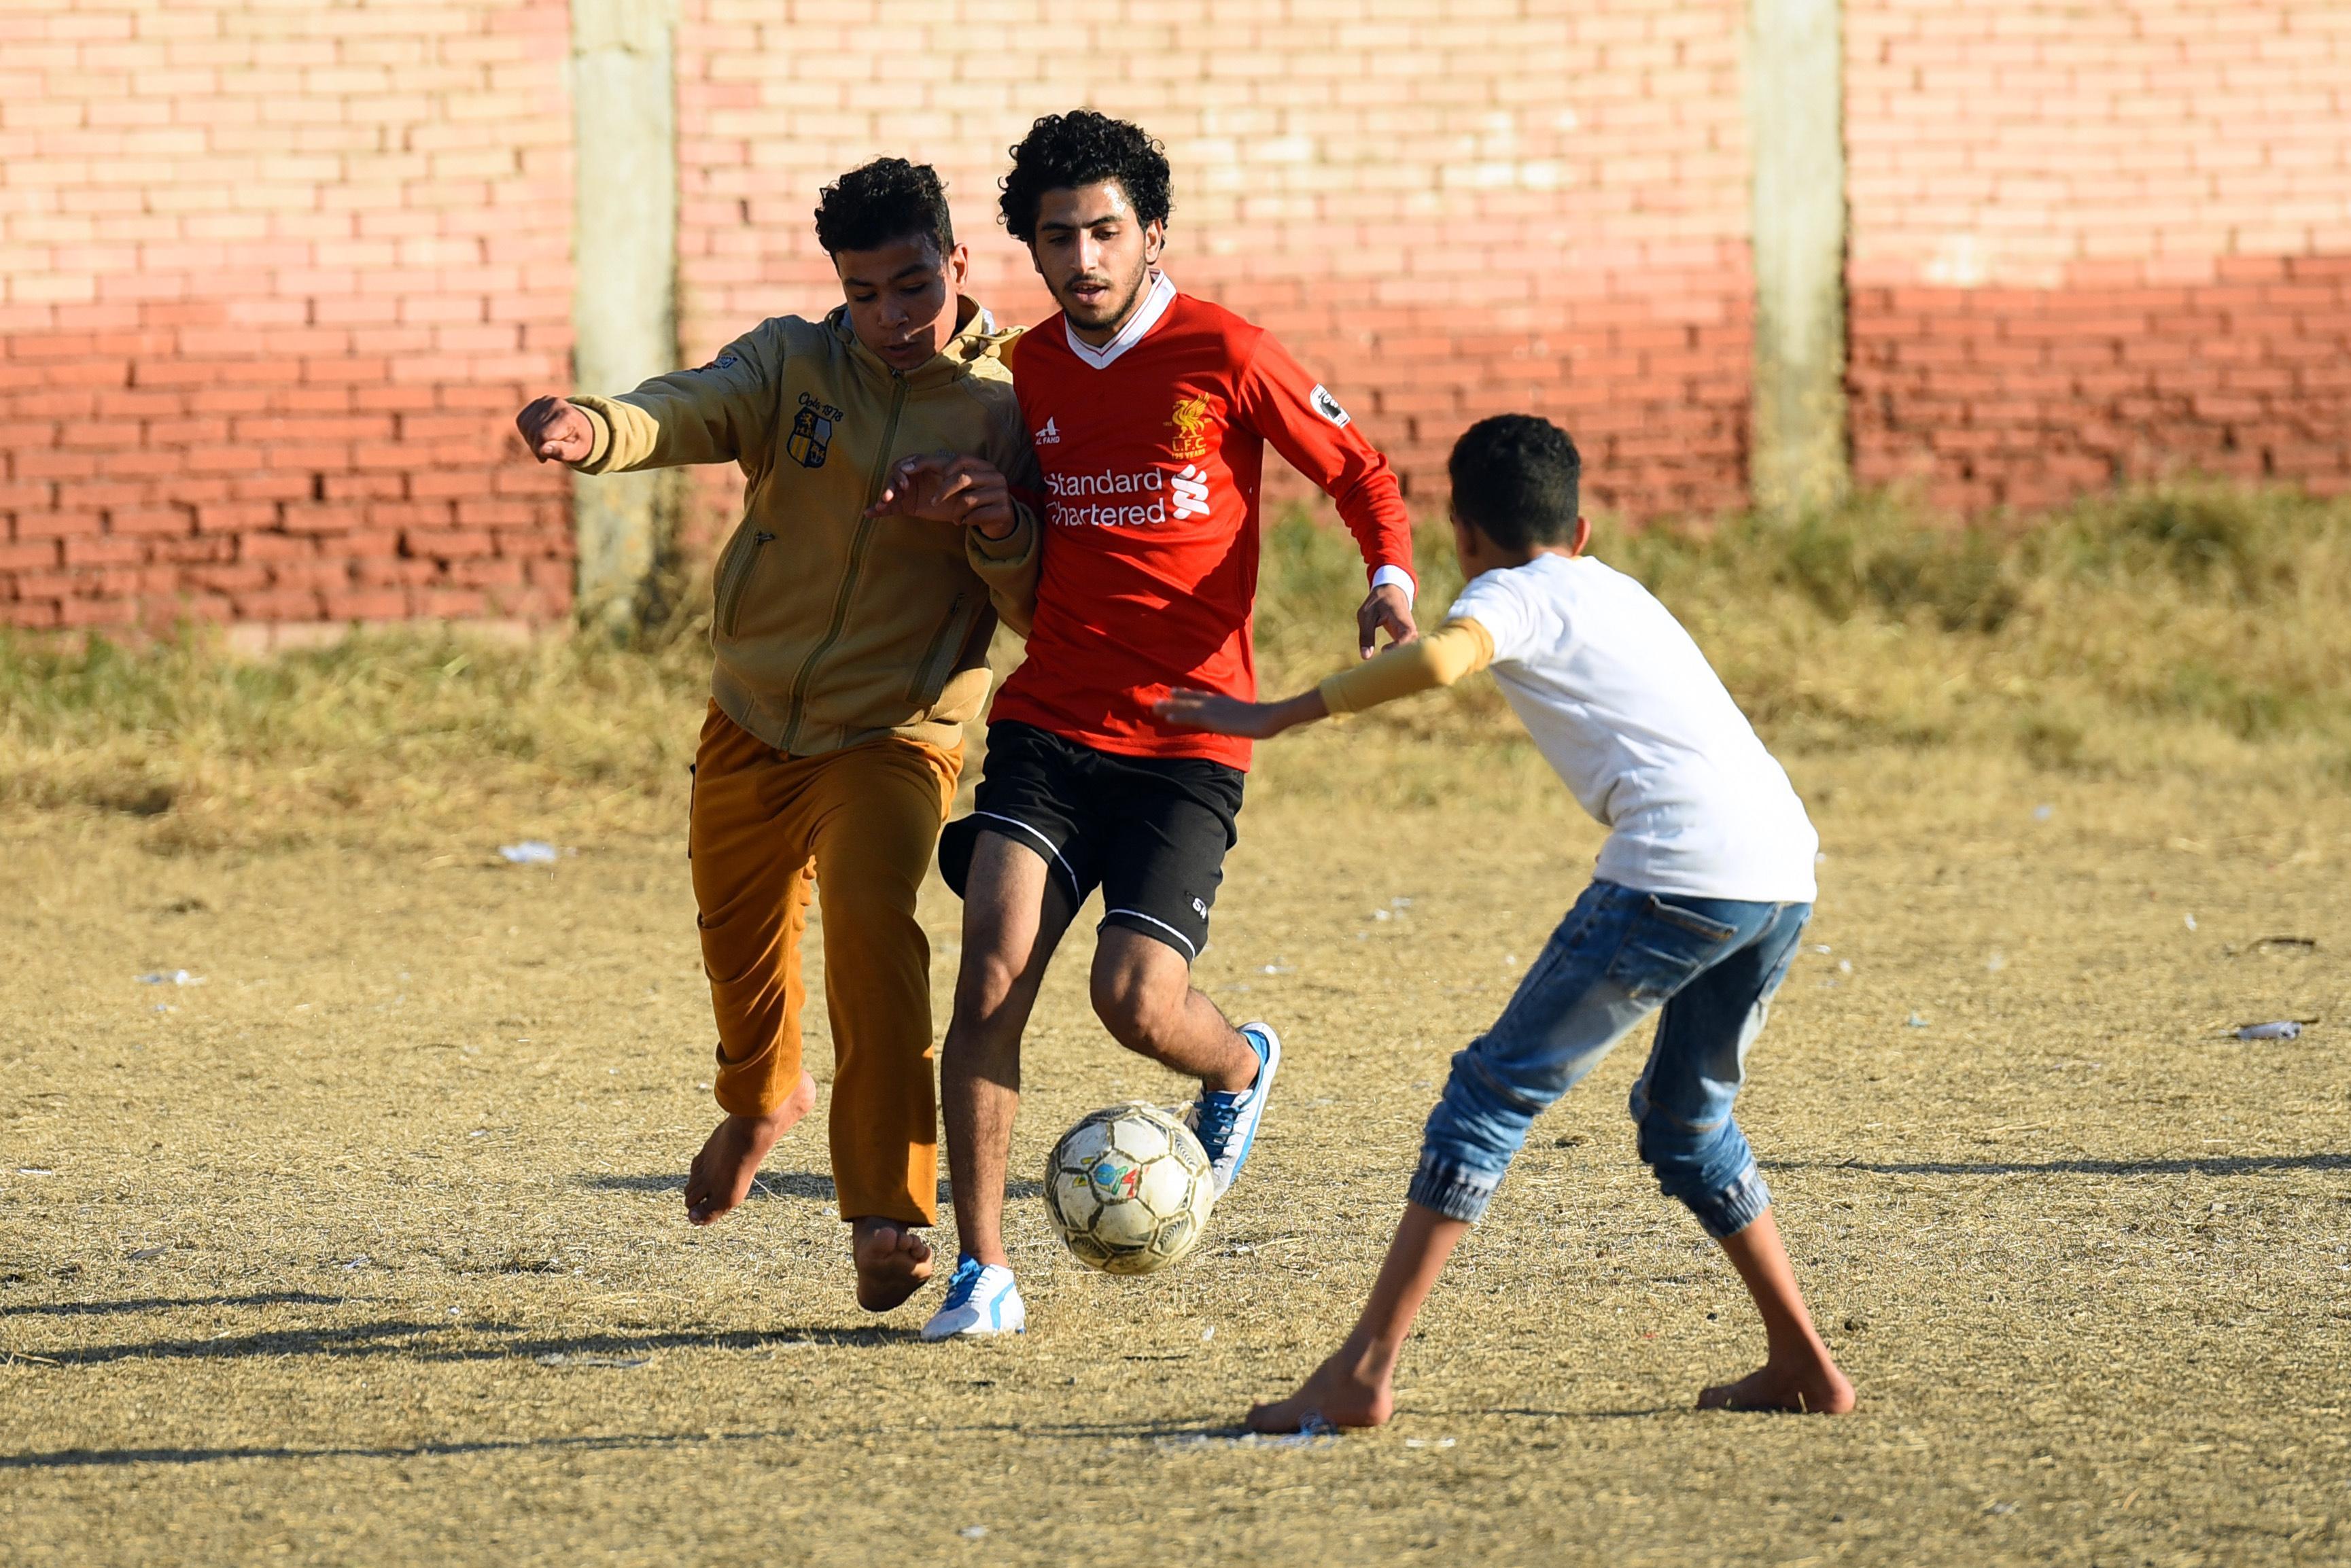 Children in Egypt dreaming of a career like Salah